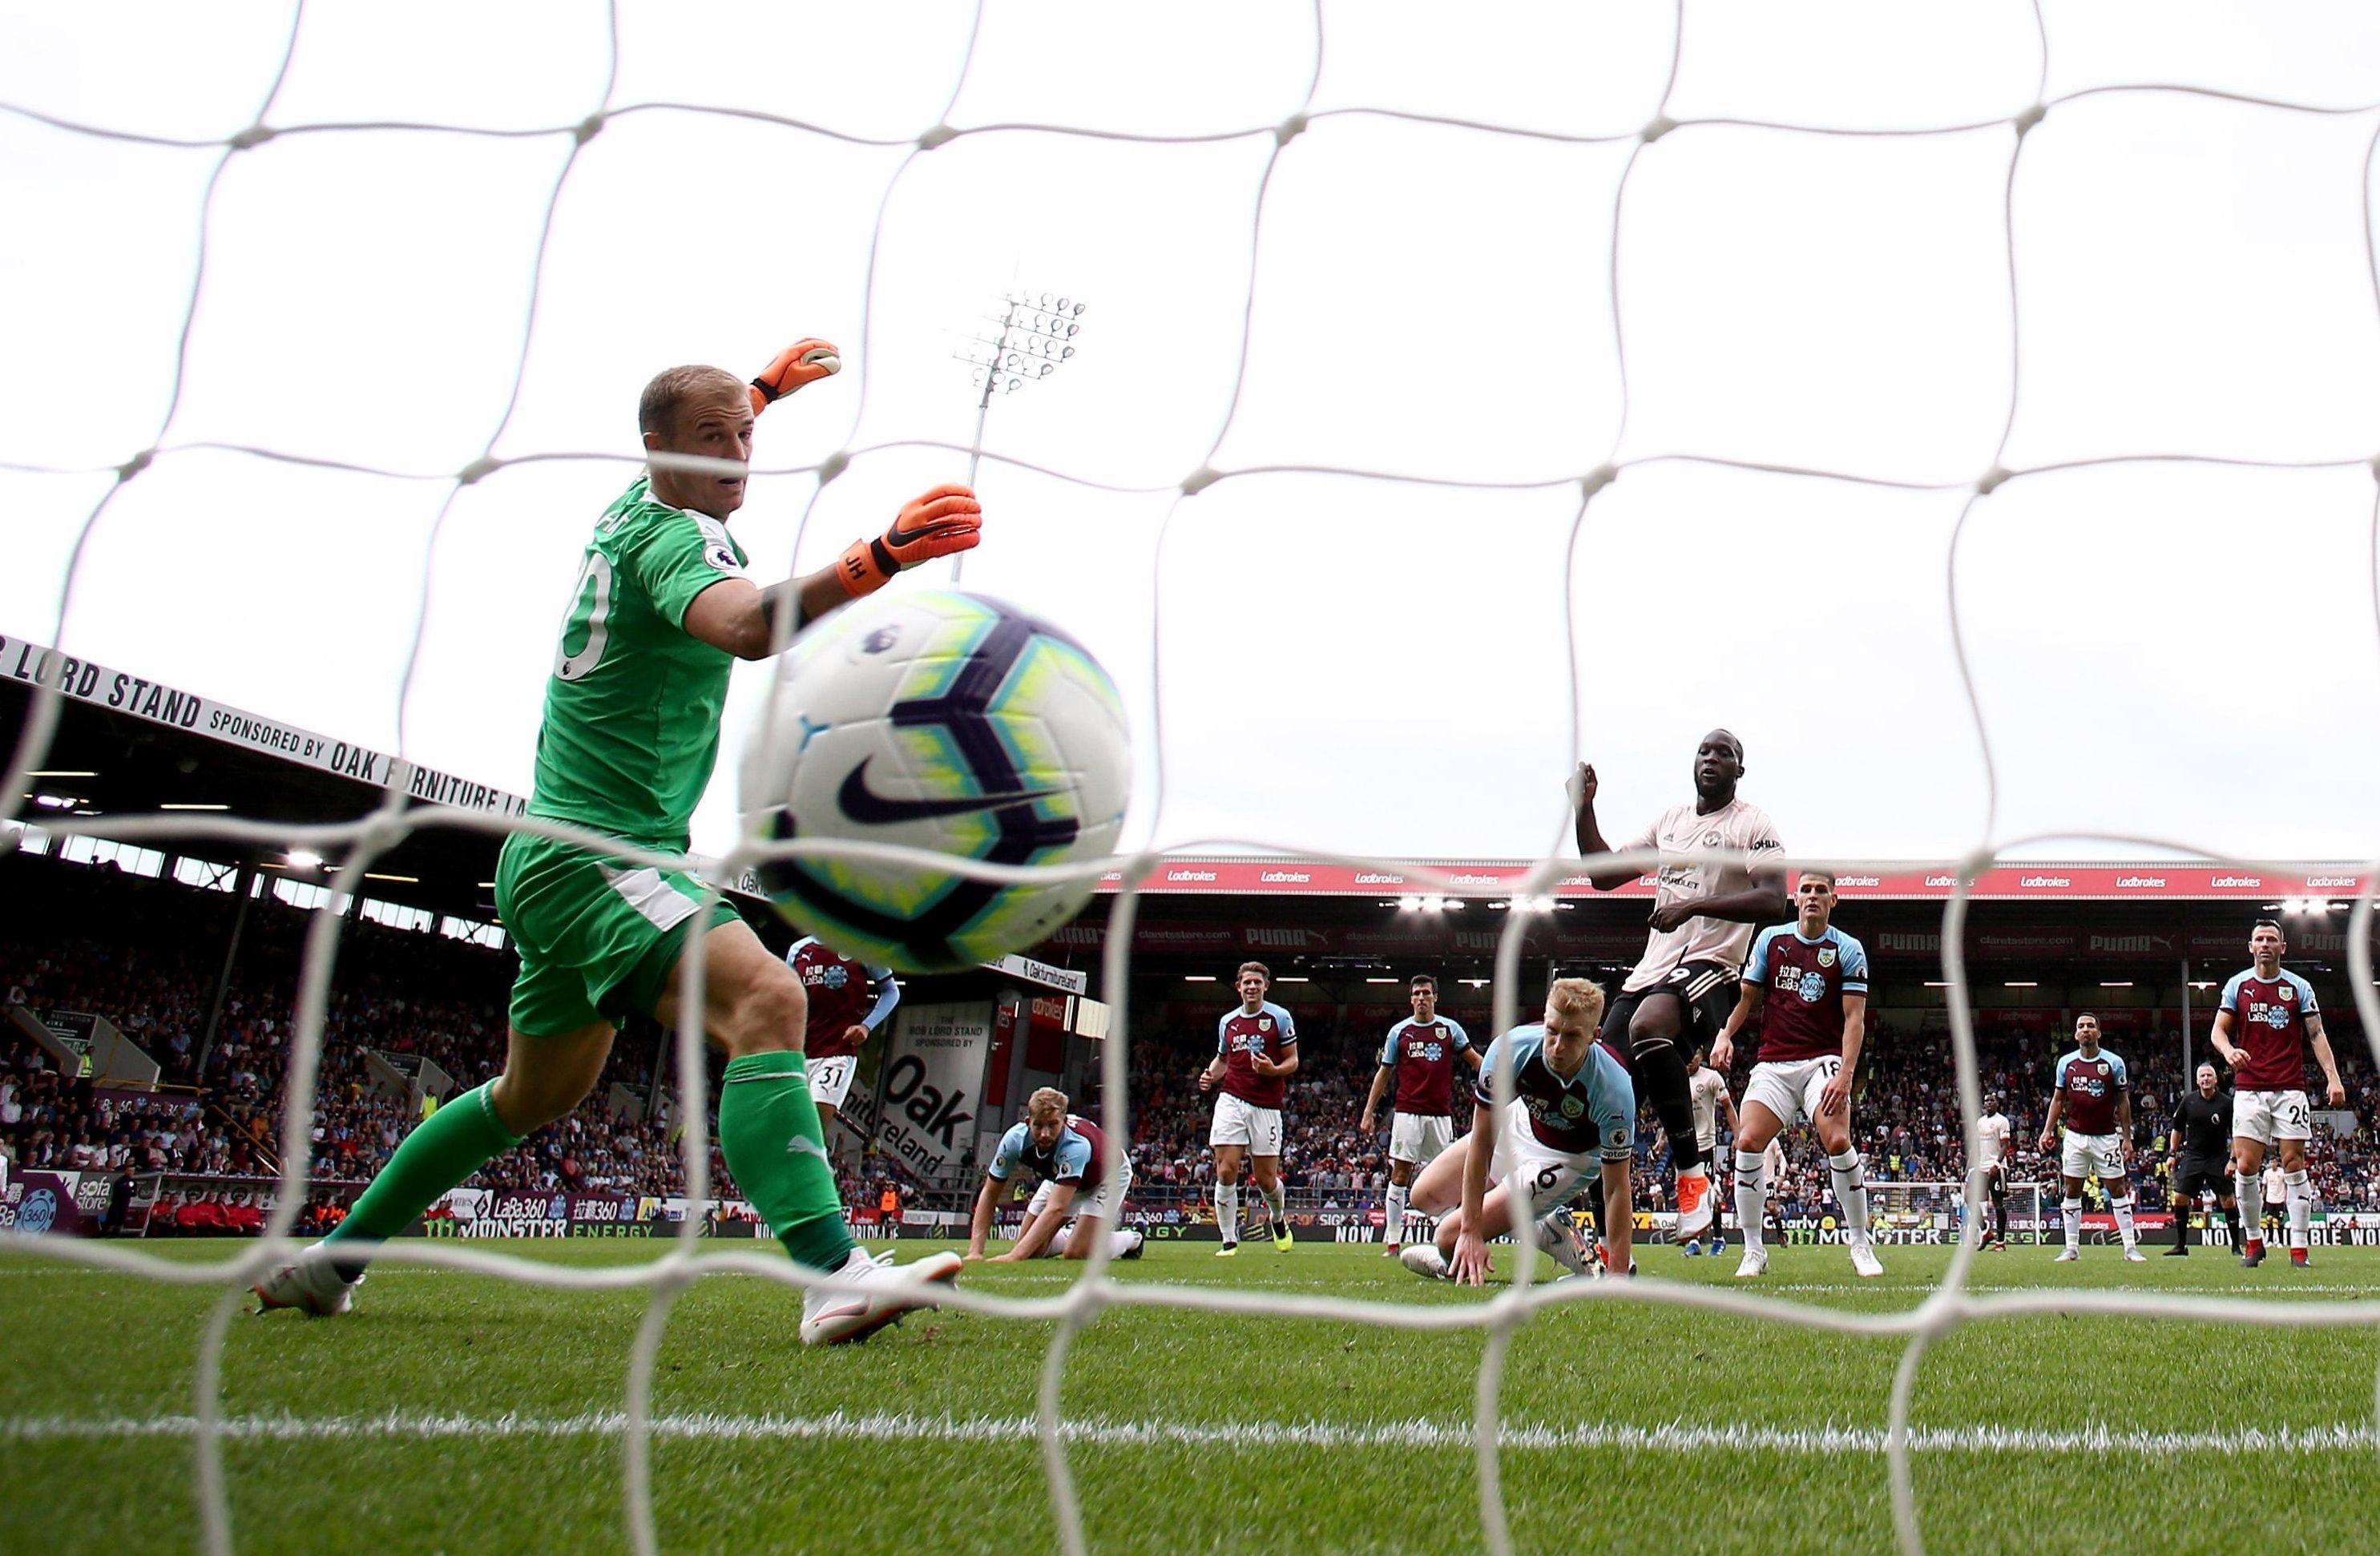 Joe Hart can only watch in anger as Romelu Lukaku made it 2-0